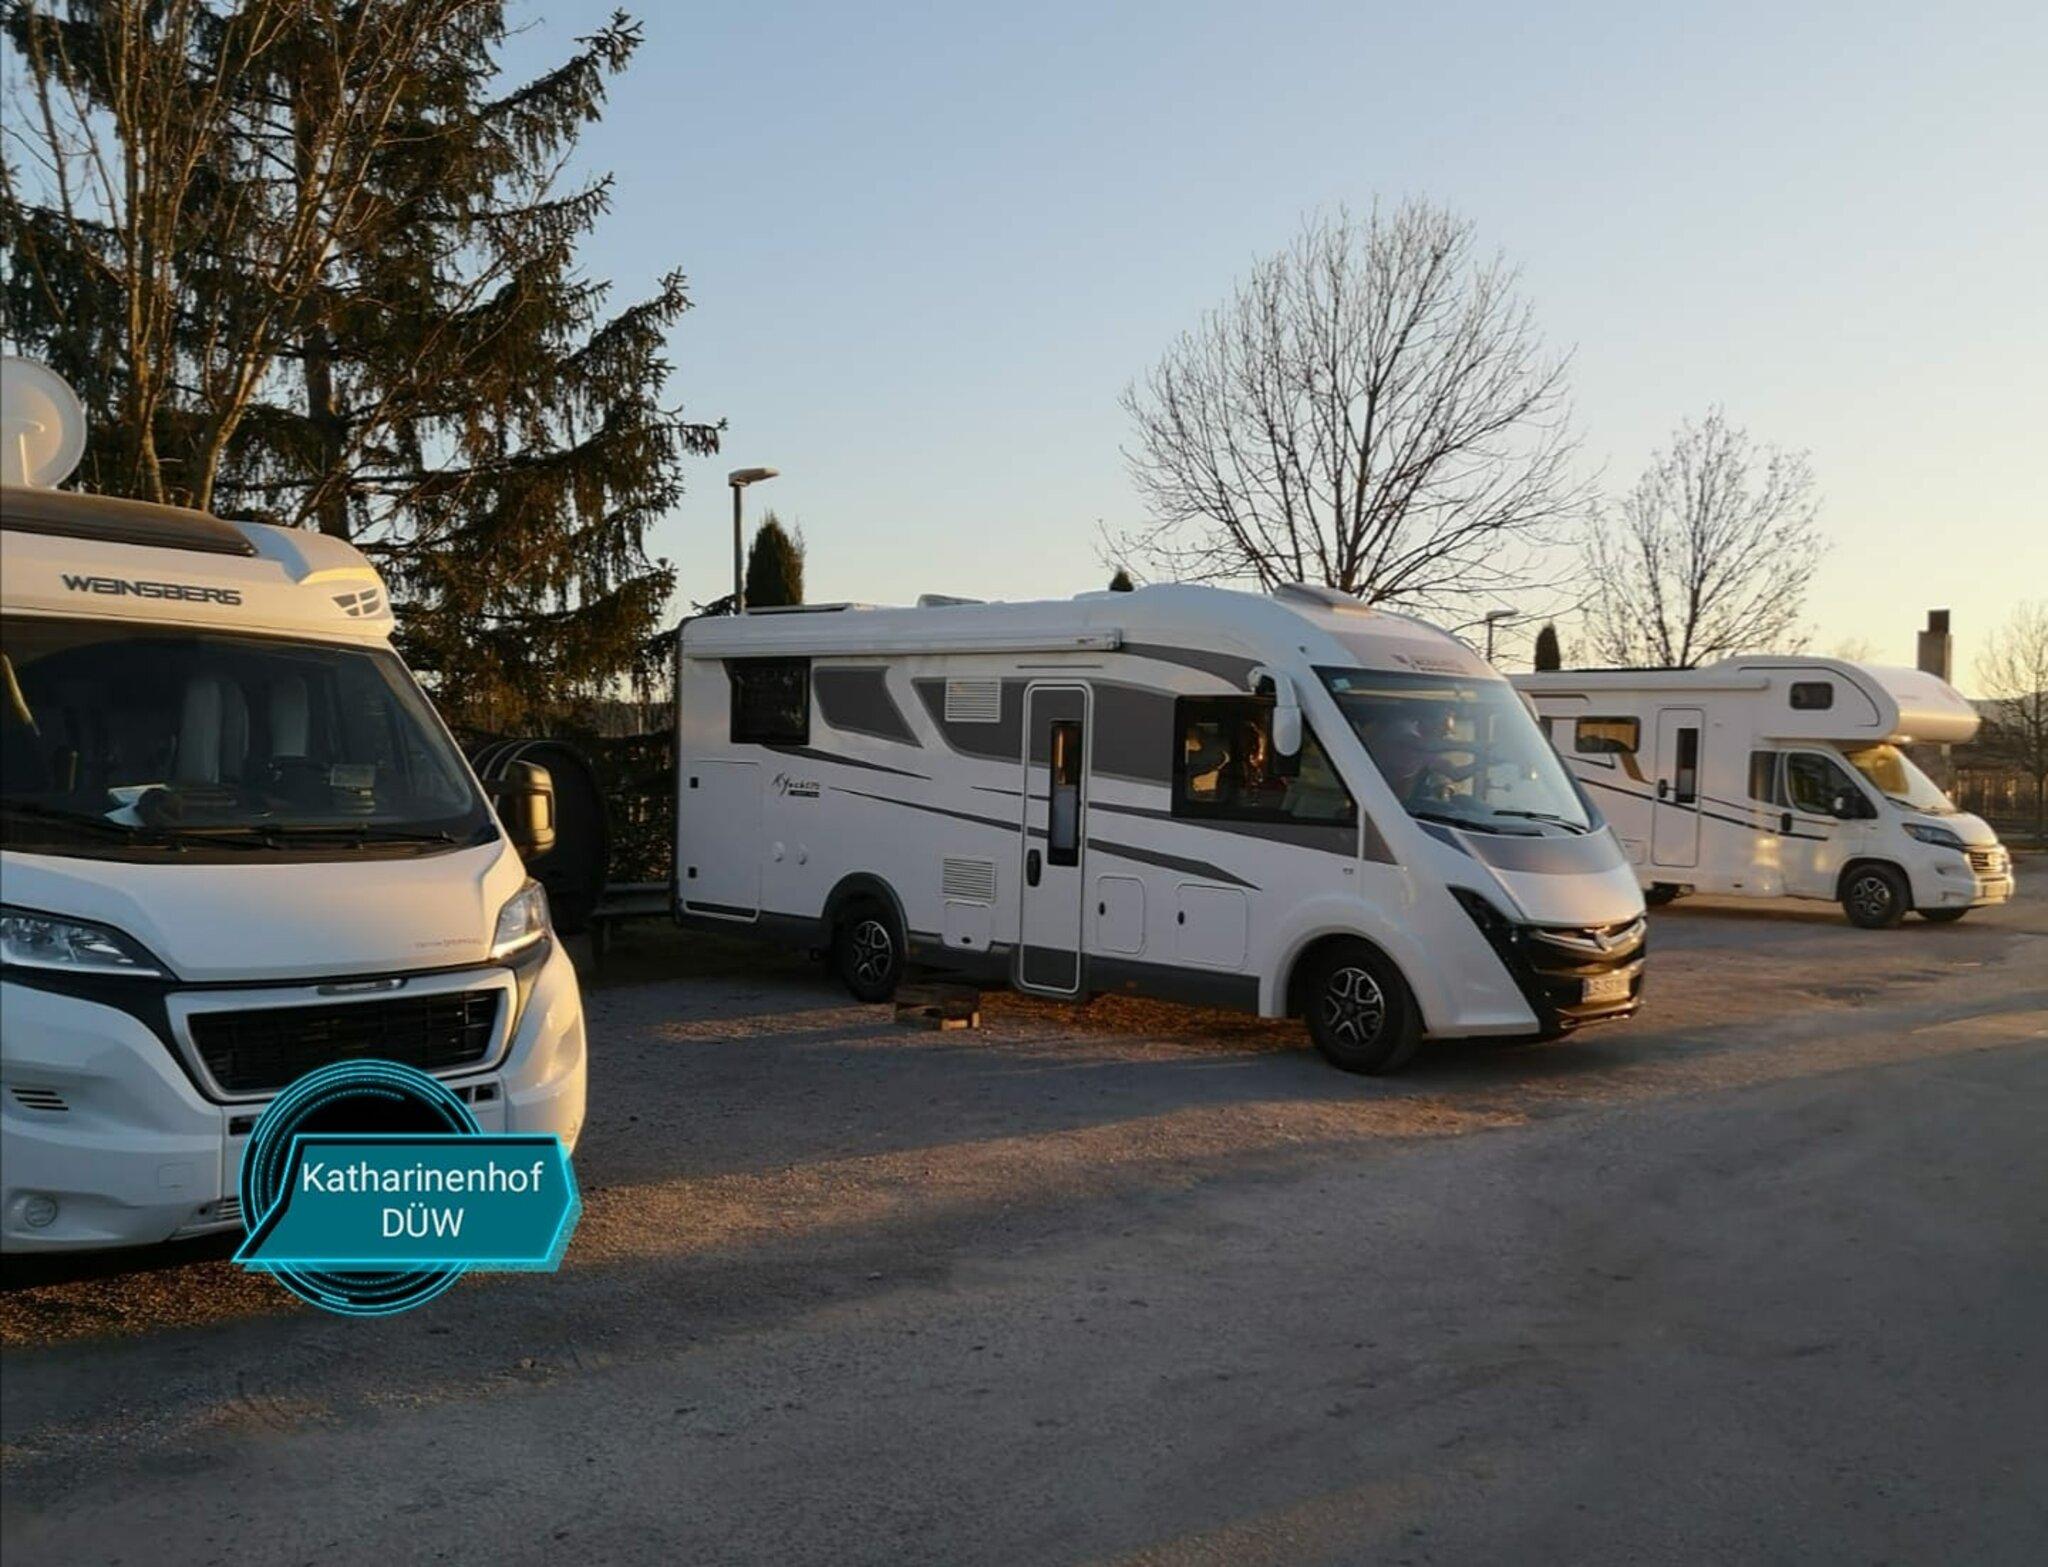 Wohnmobil-Dinner-im-Katharinenhof-in-Bad-D-rkheim